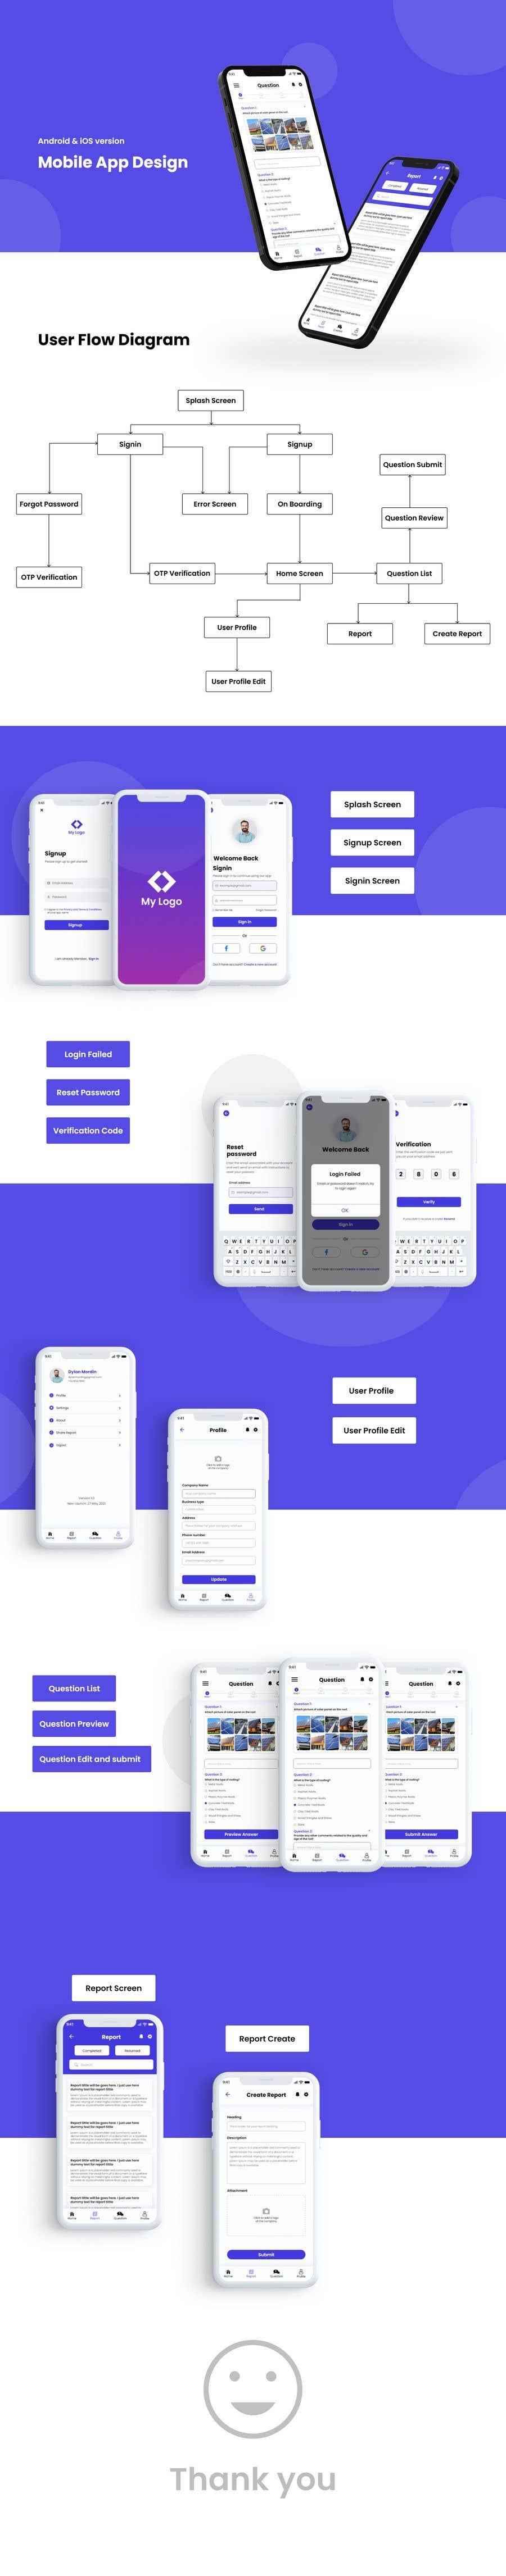 Penyertaan Peraduan #                                        50                                      untuk                                         Design me a Mobile App